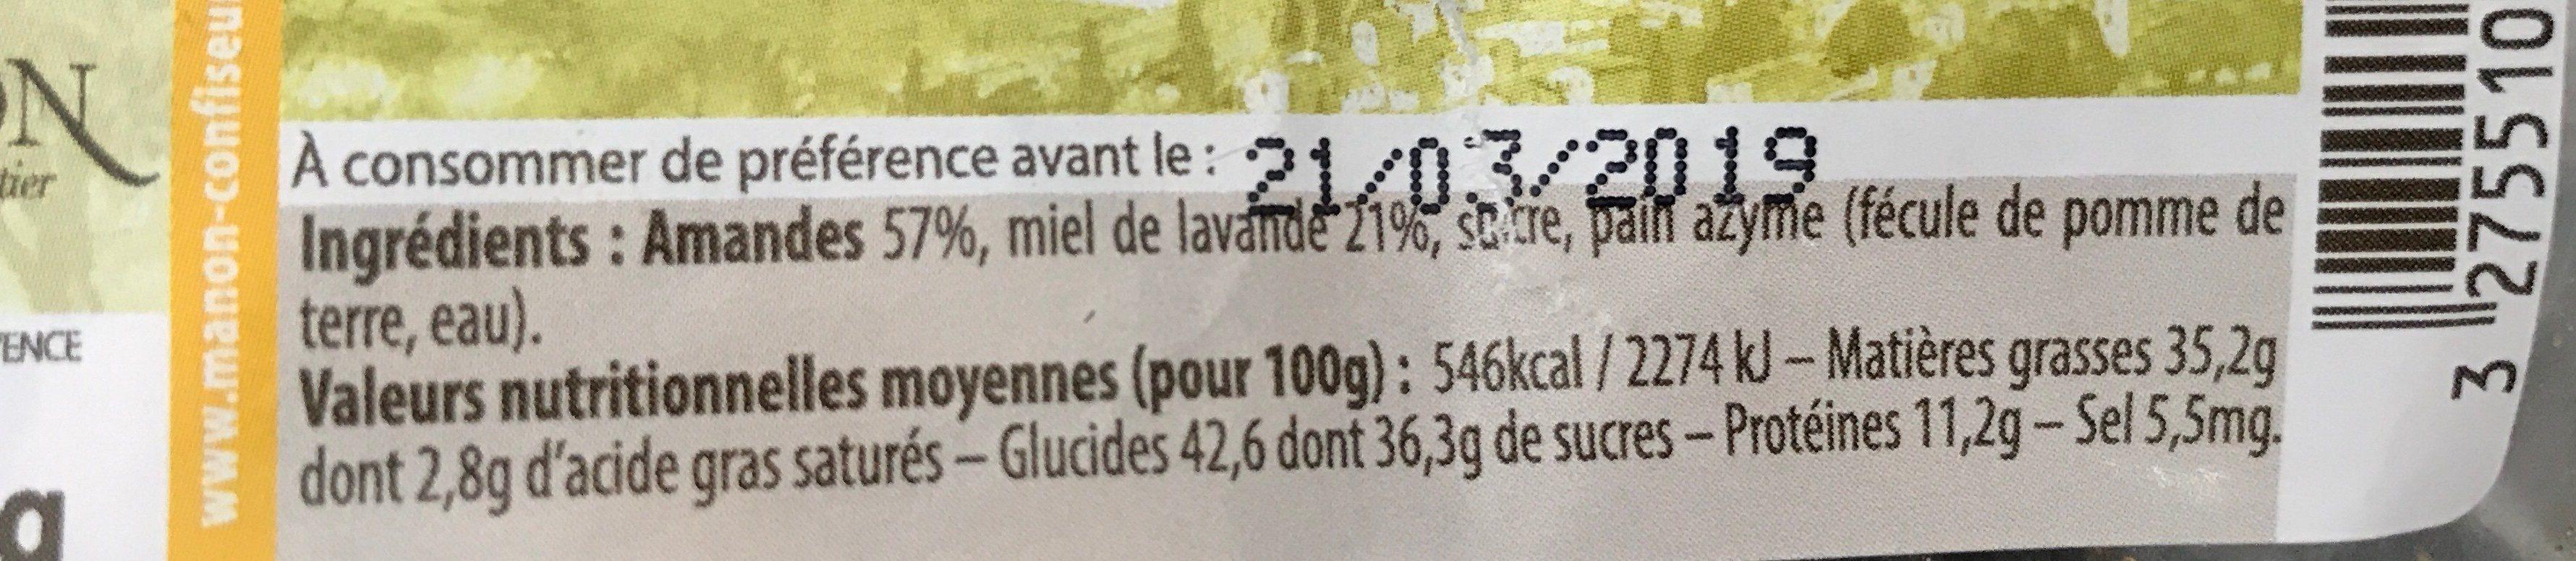 Nougat de provence - Ingrédients